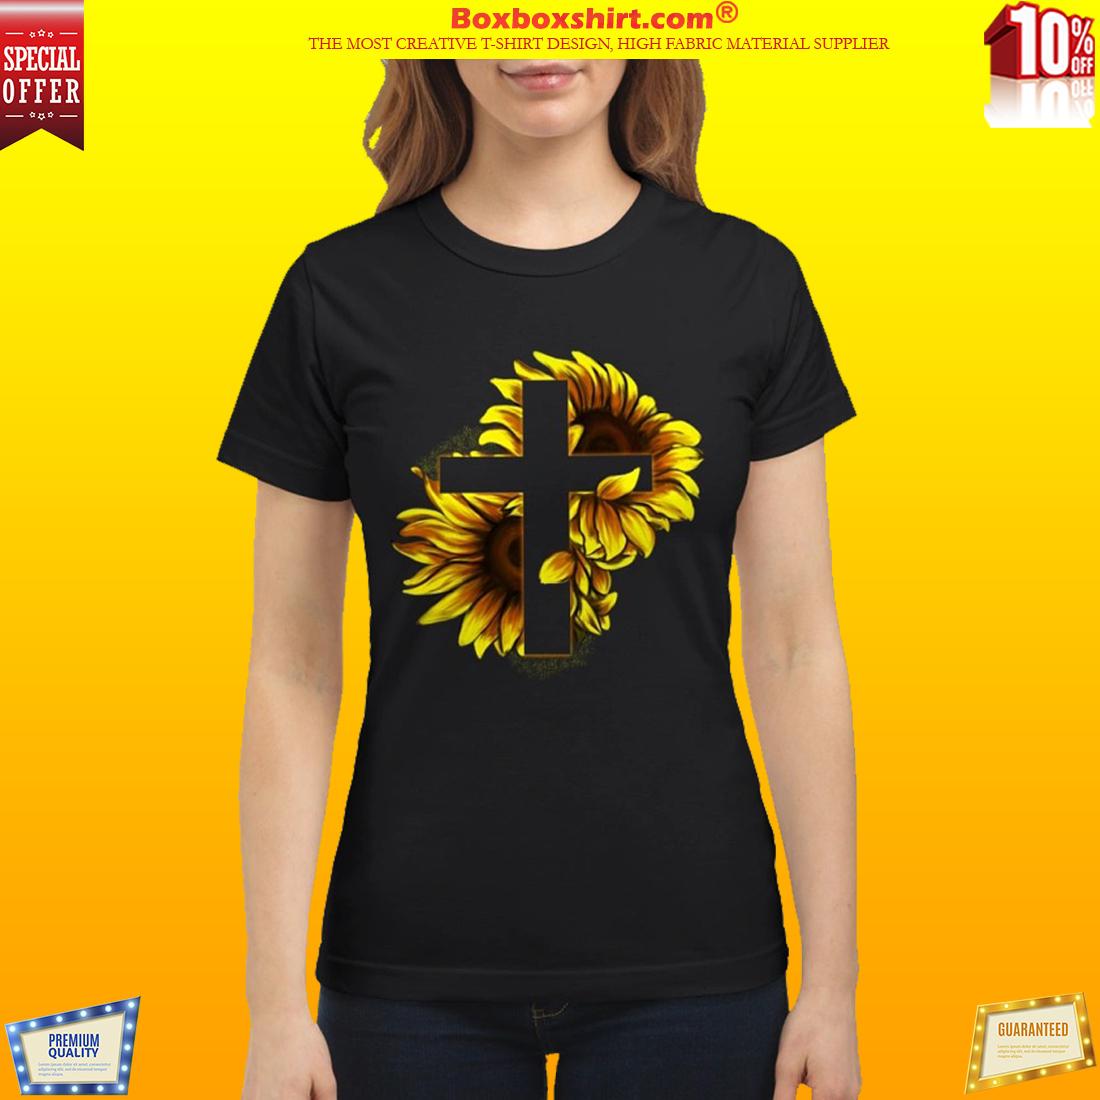 Sunflower Christian Cross classic shirt